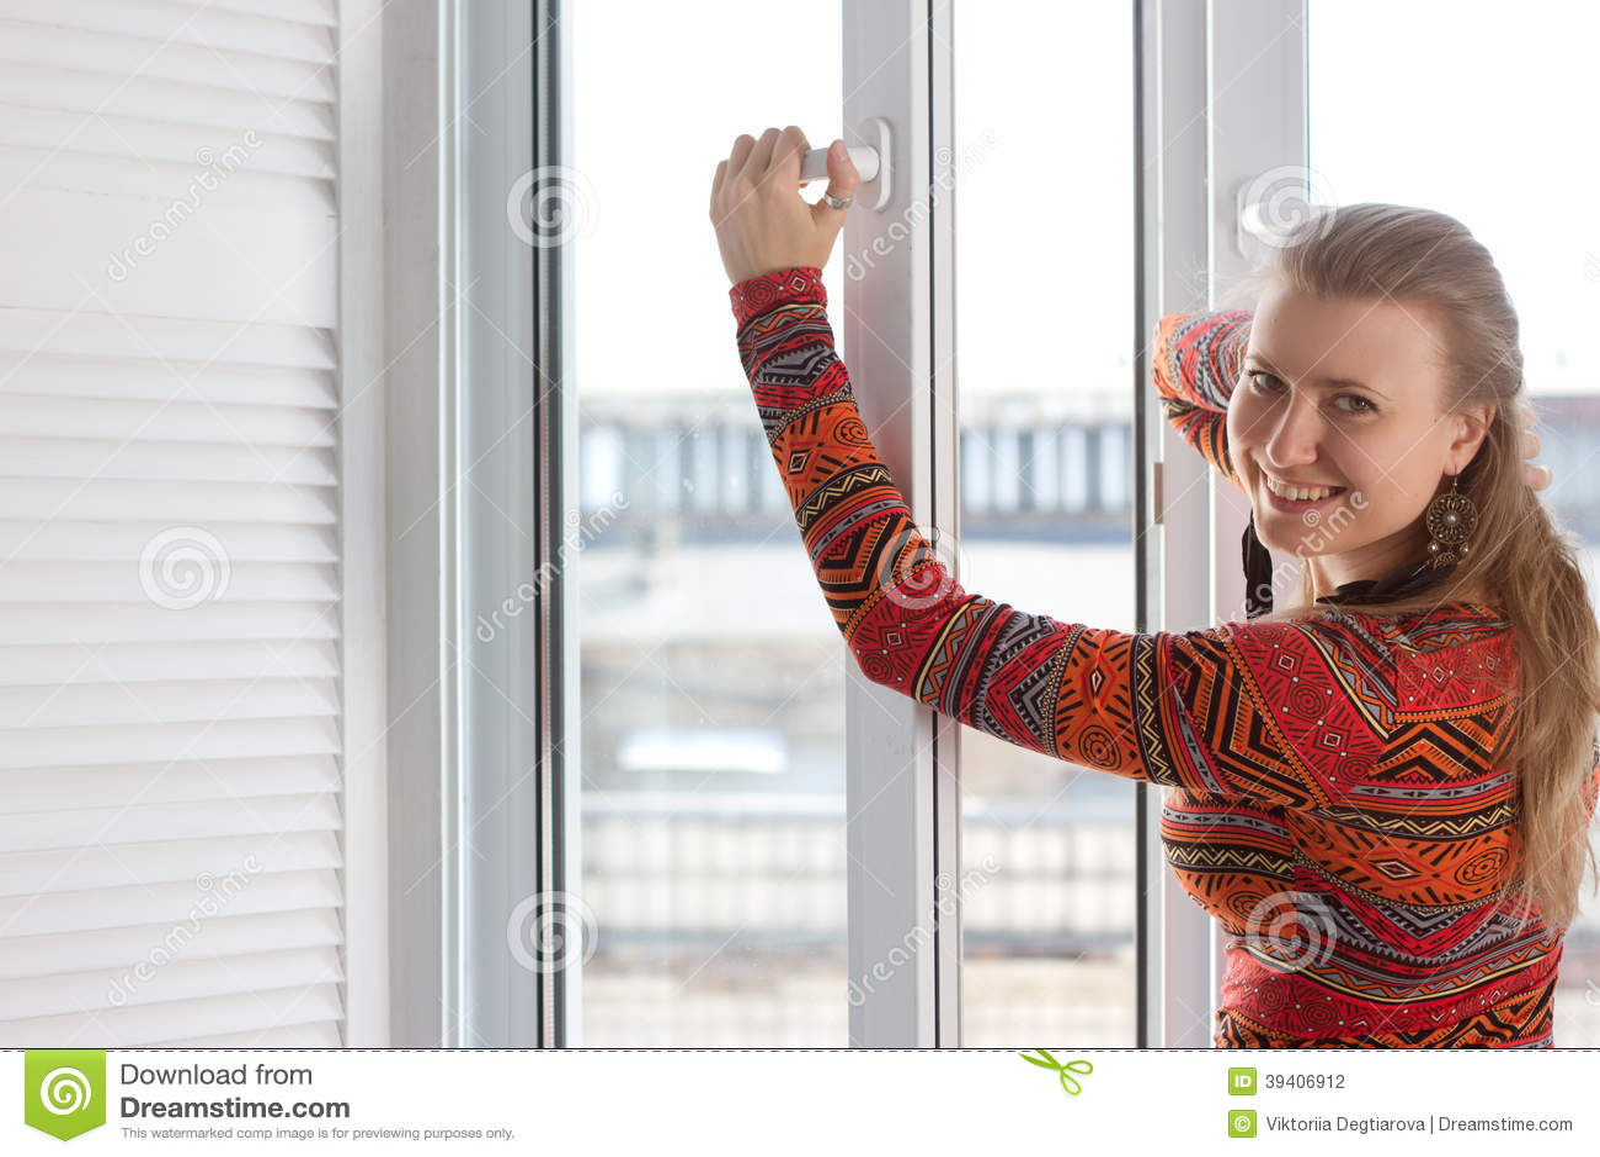 La femme ouvre une fen tre en plastique photo stock for Les charlots ouvre la fenetre